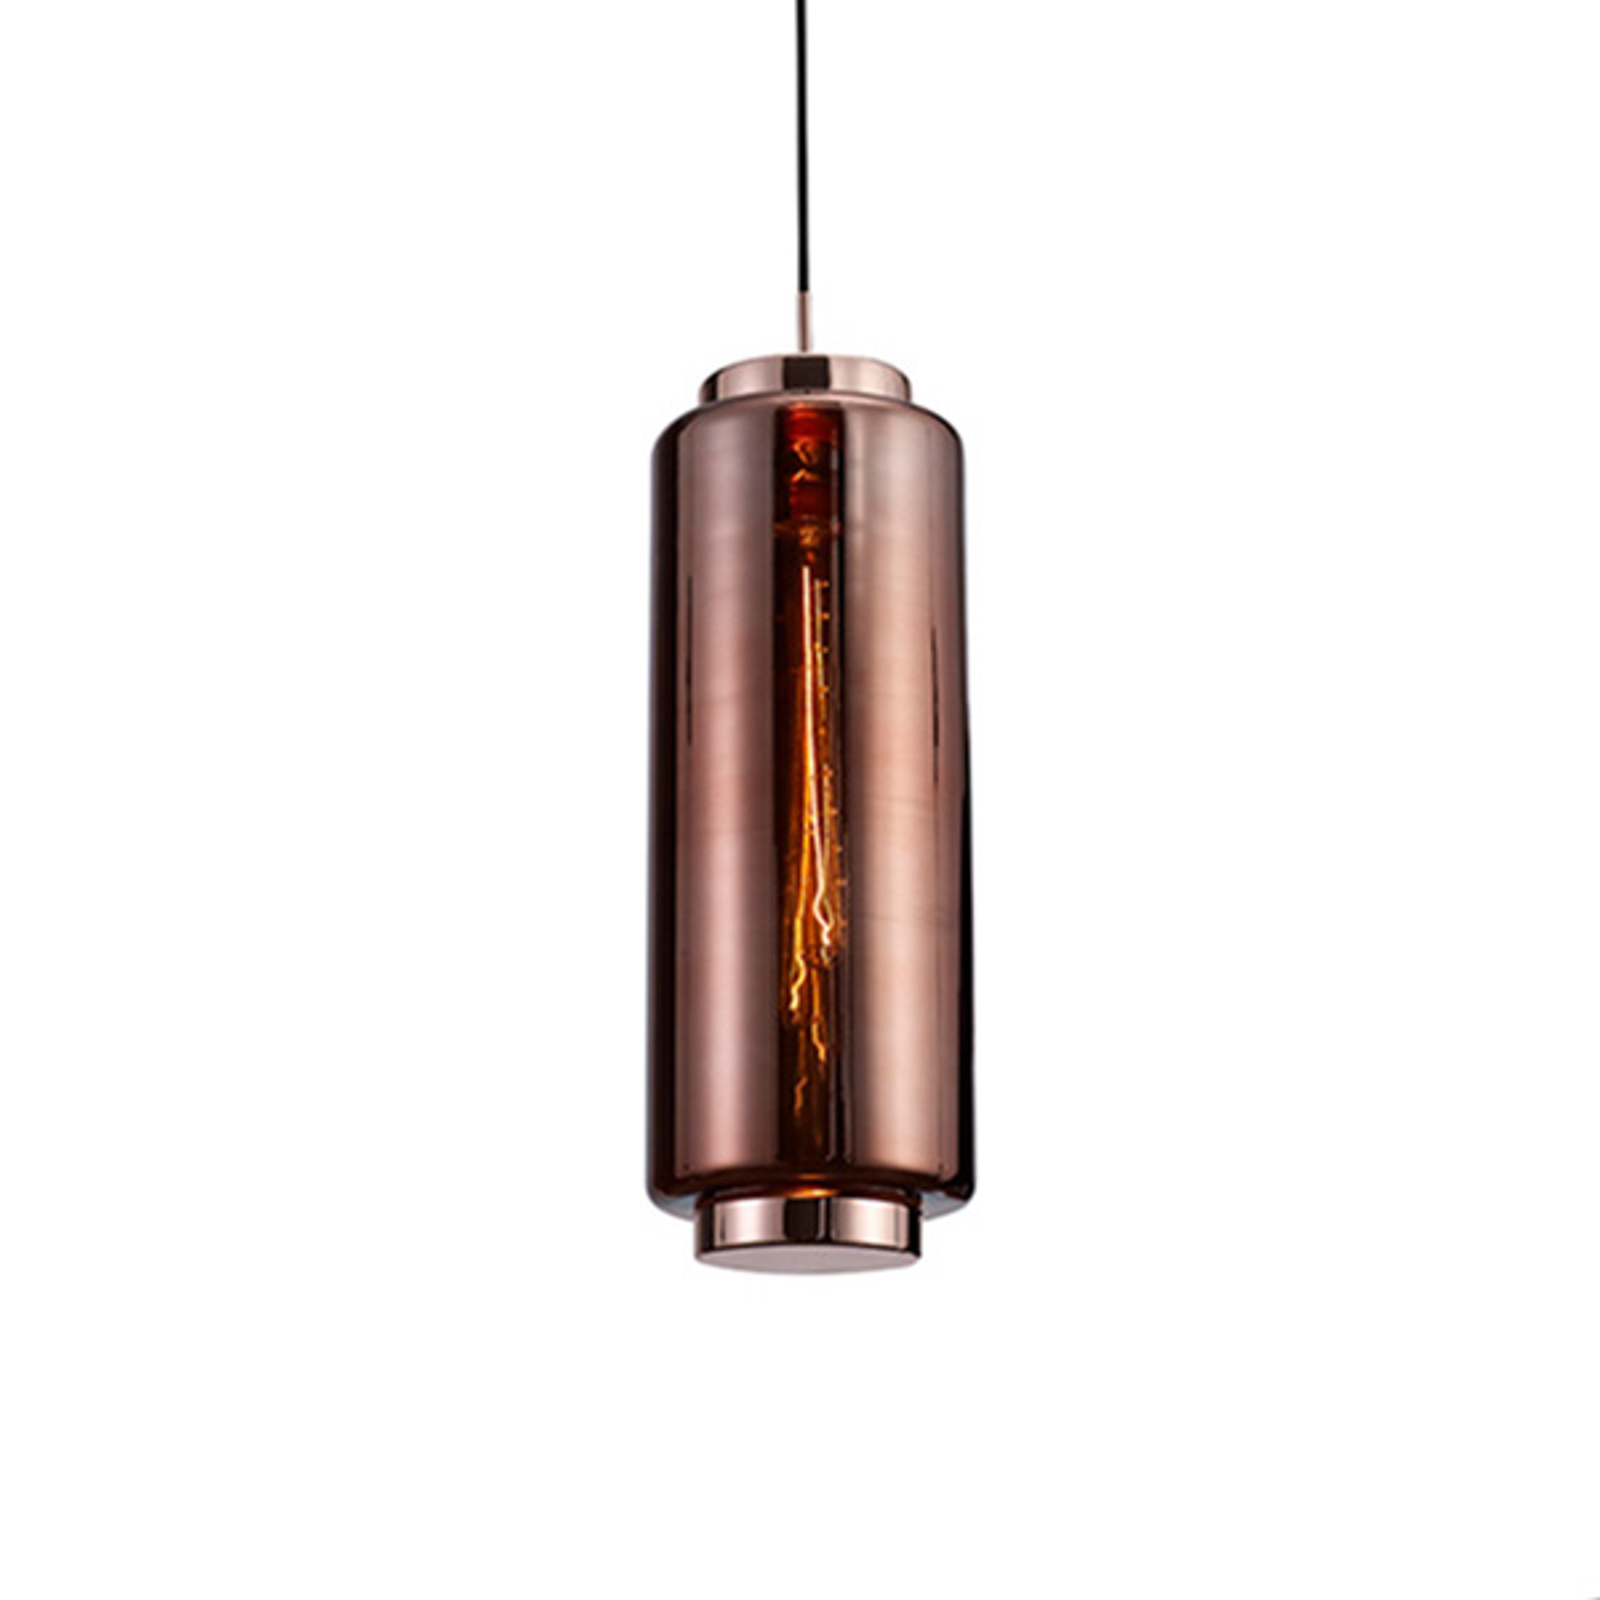 Glazen hanglamp Jarras, hoogte 53,5 cm, koper